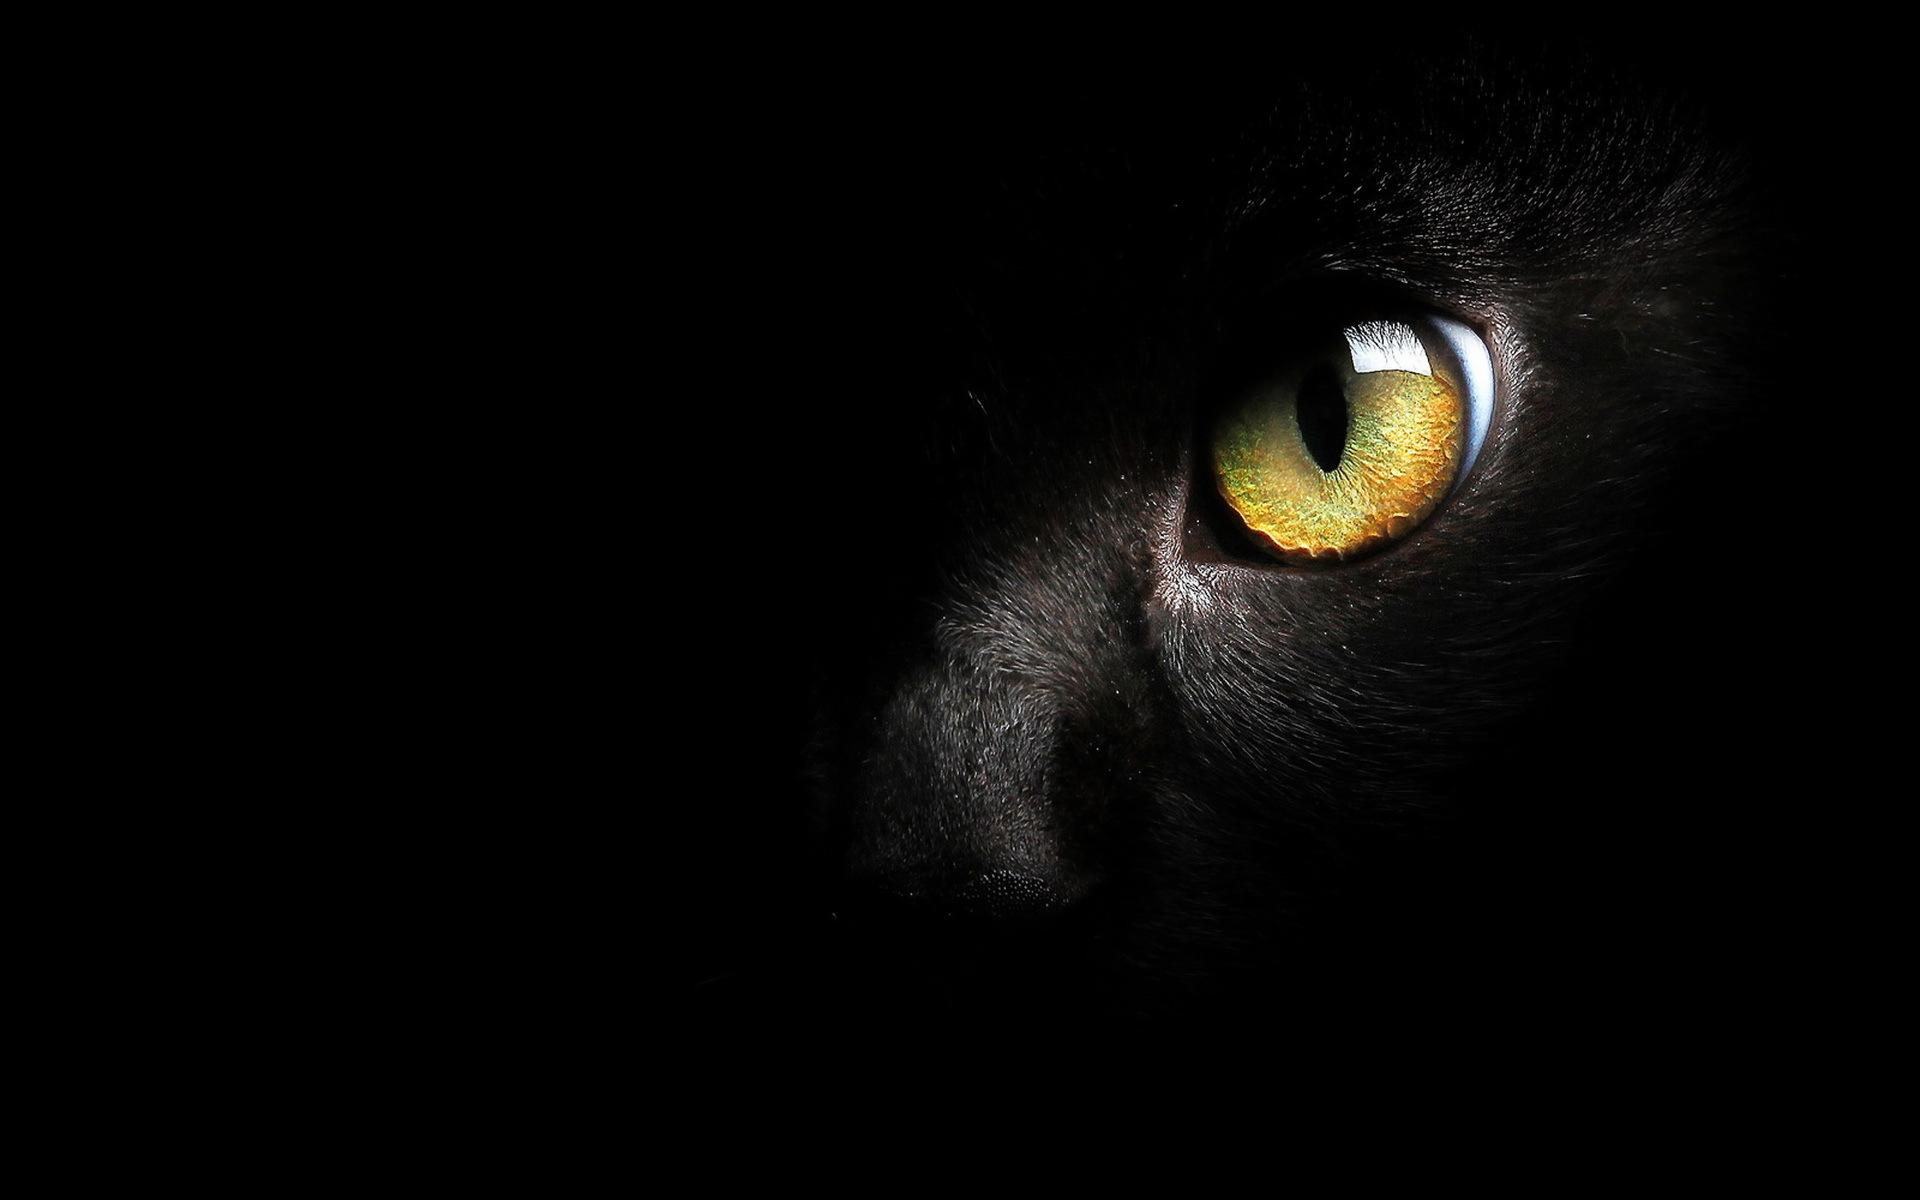 обои на рабочий стол глаза кошки на темном фоне № 237933 загрузить